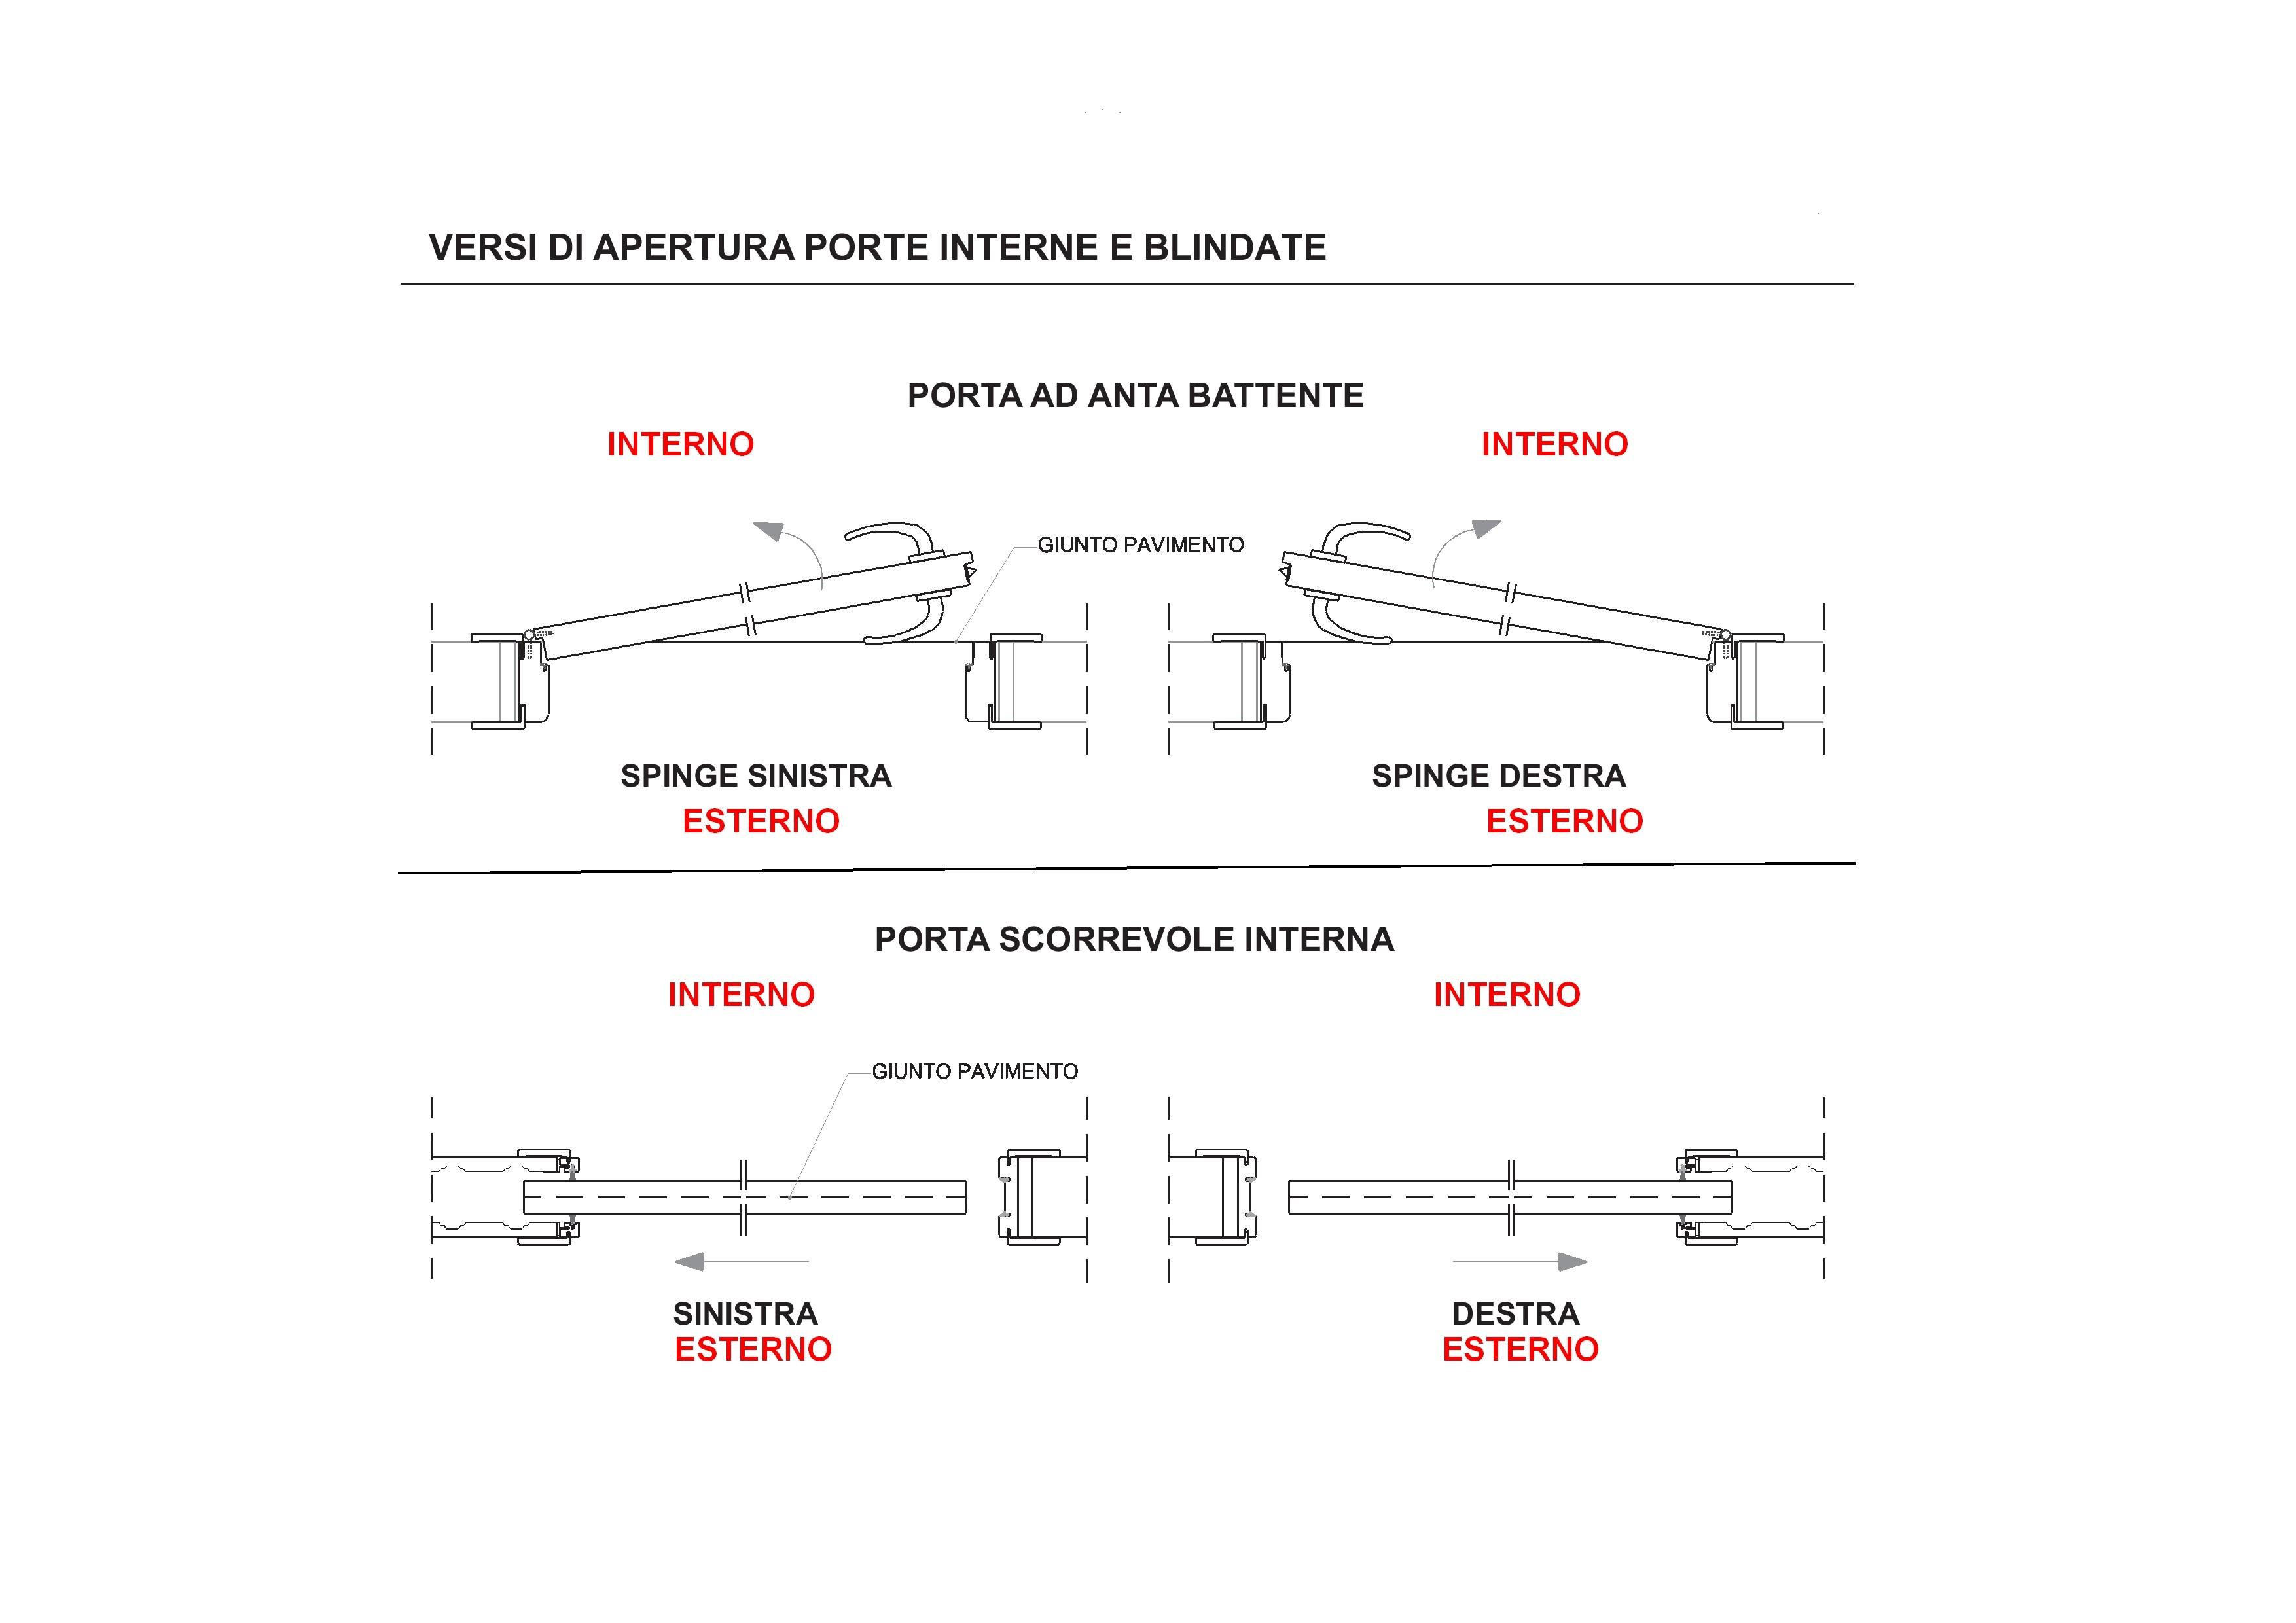 Misure e versi di apertura porte interne e blindate